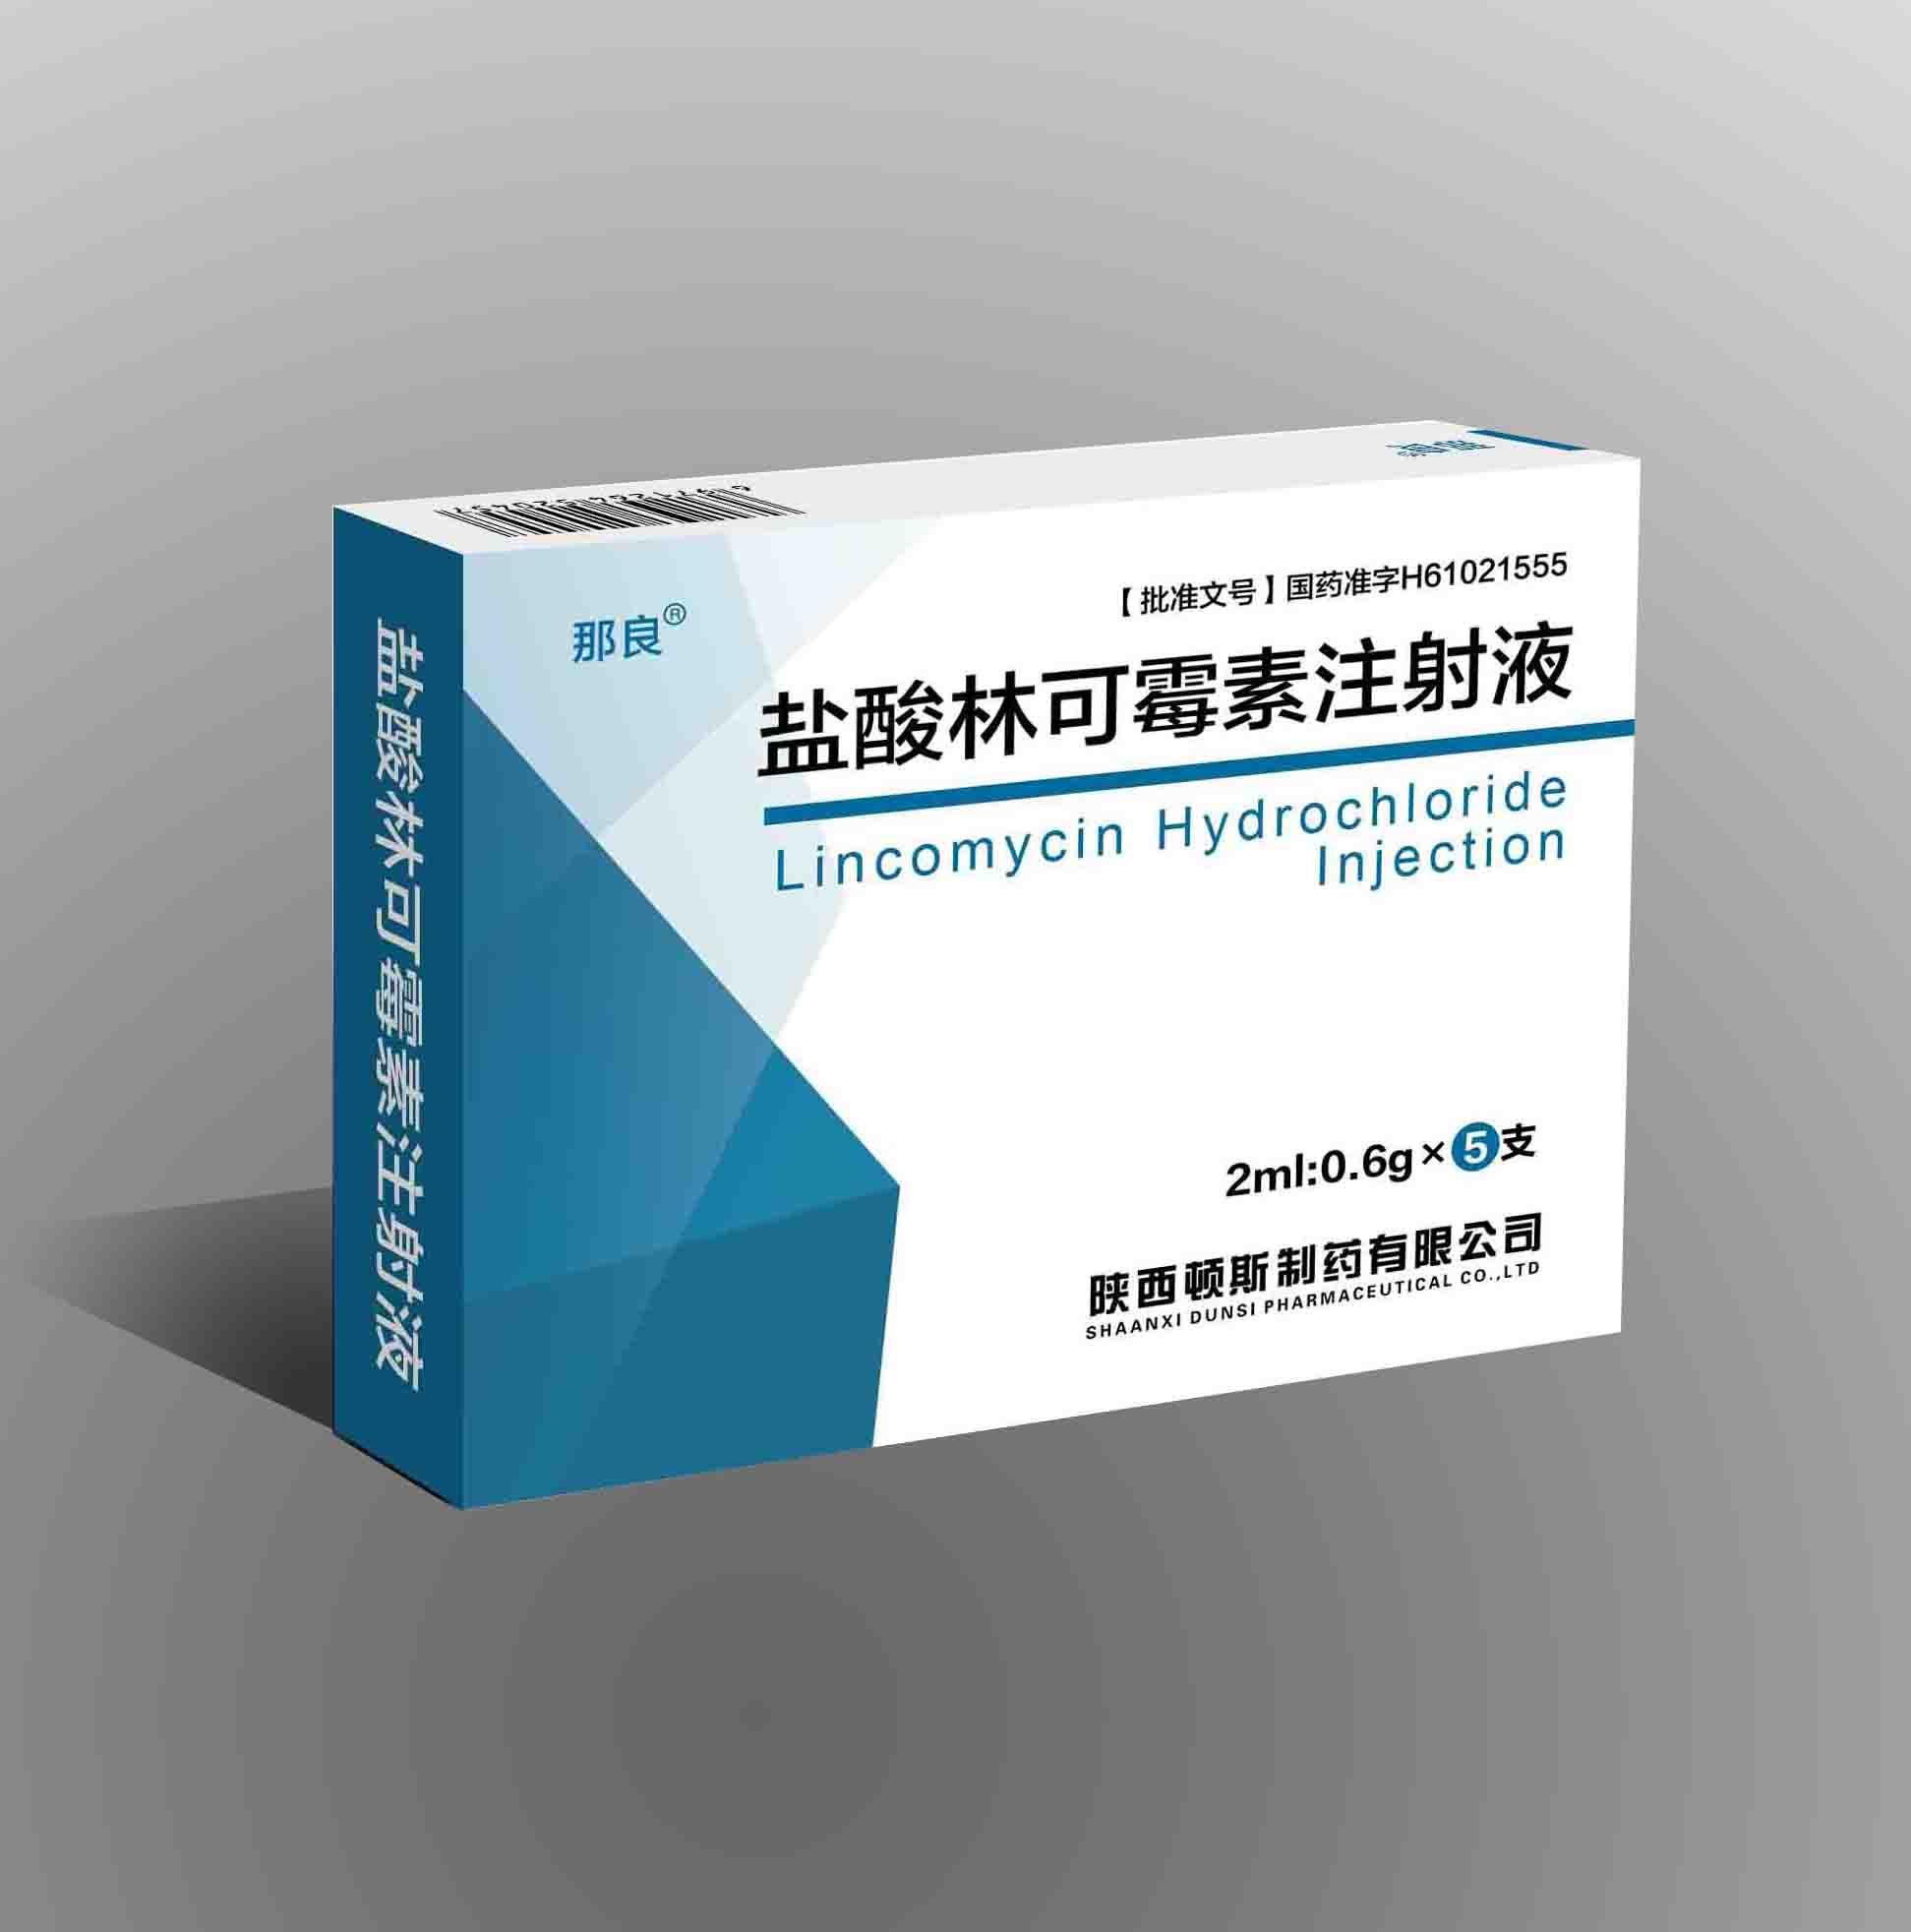 鹽酸林可霉素注射液